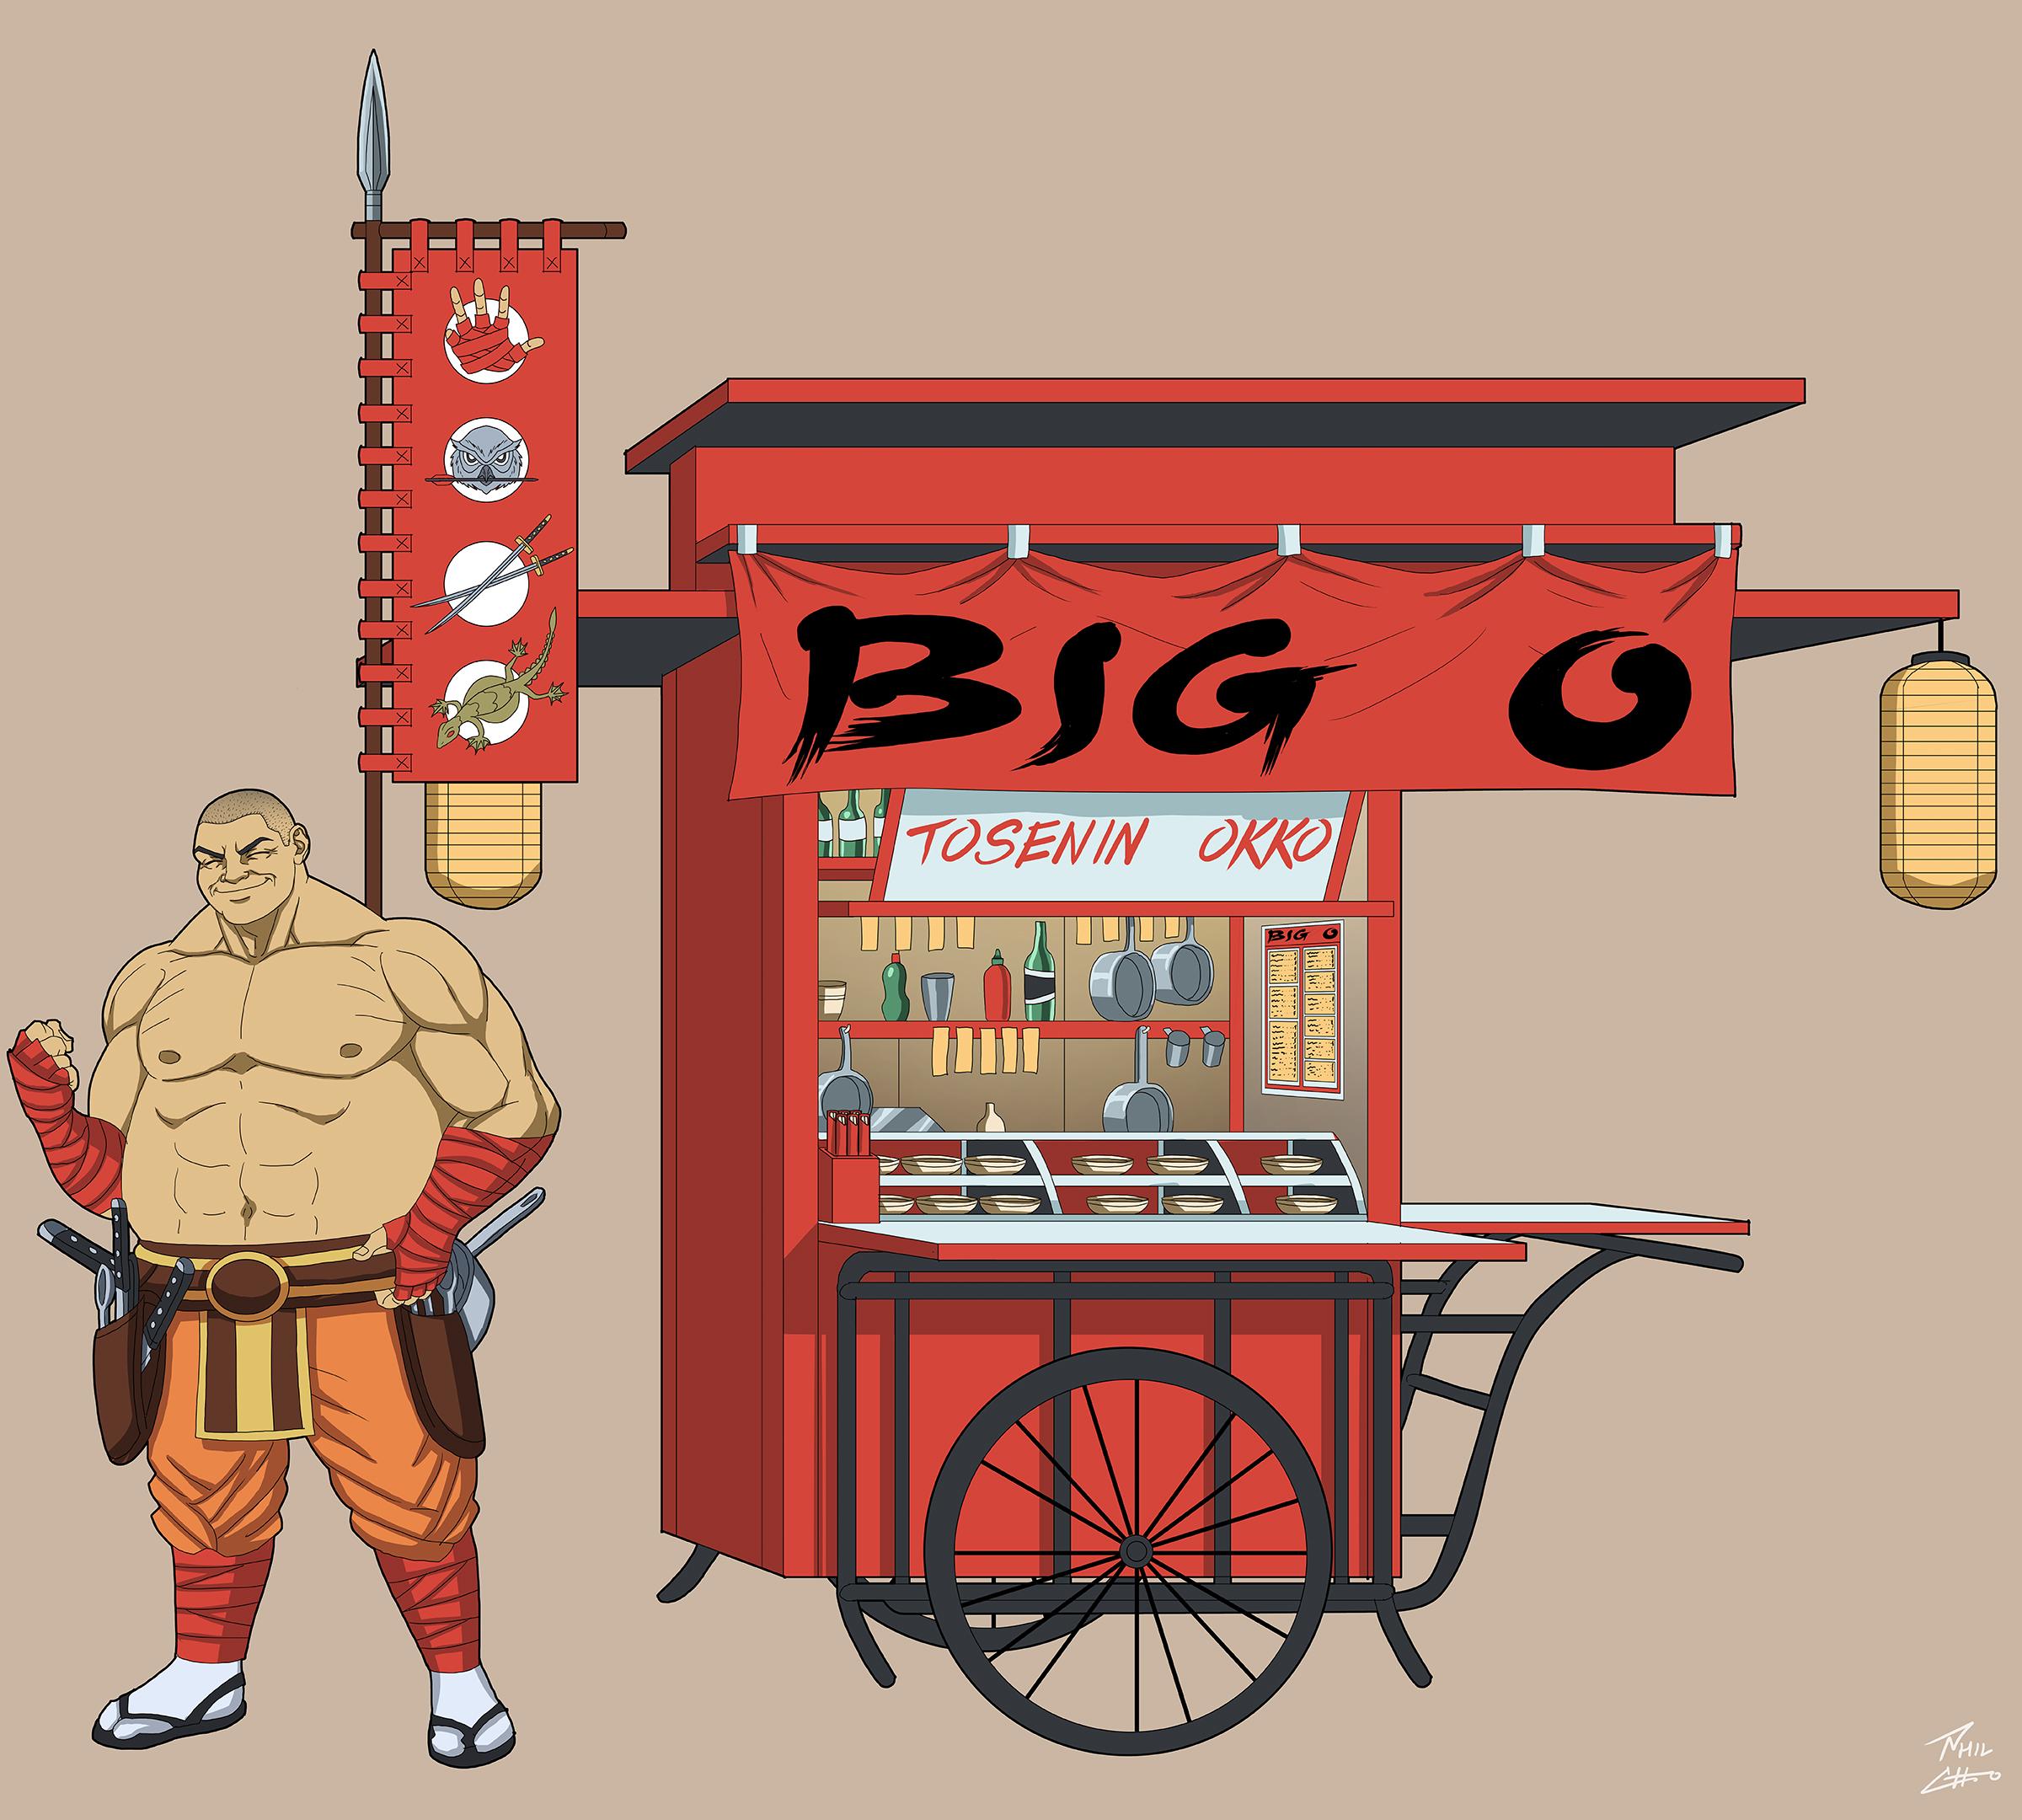 tosenin_okko_big_o_web.jpg